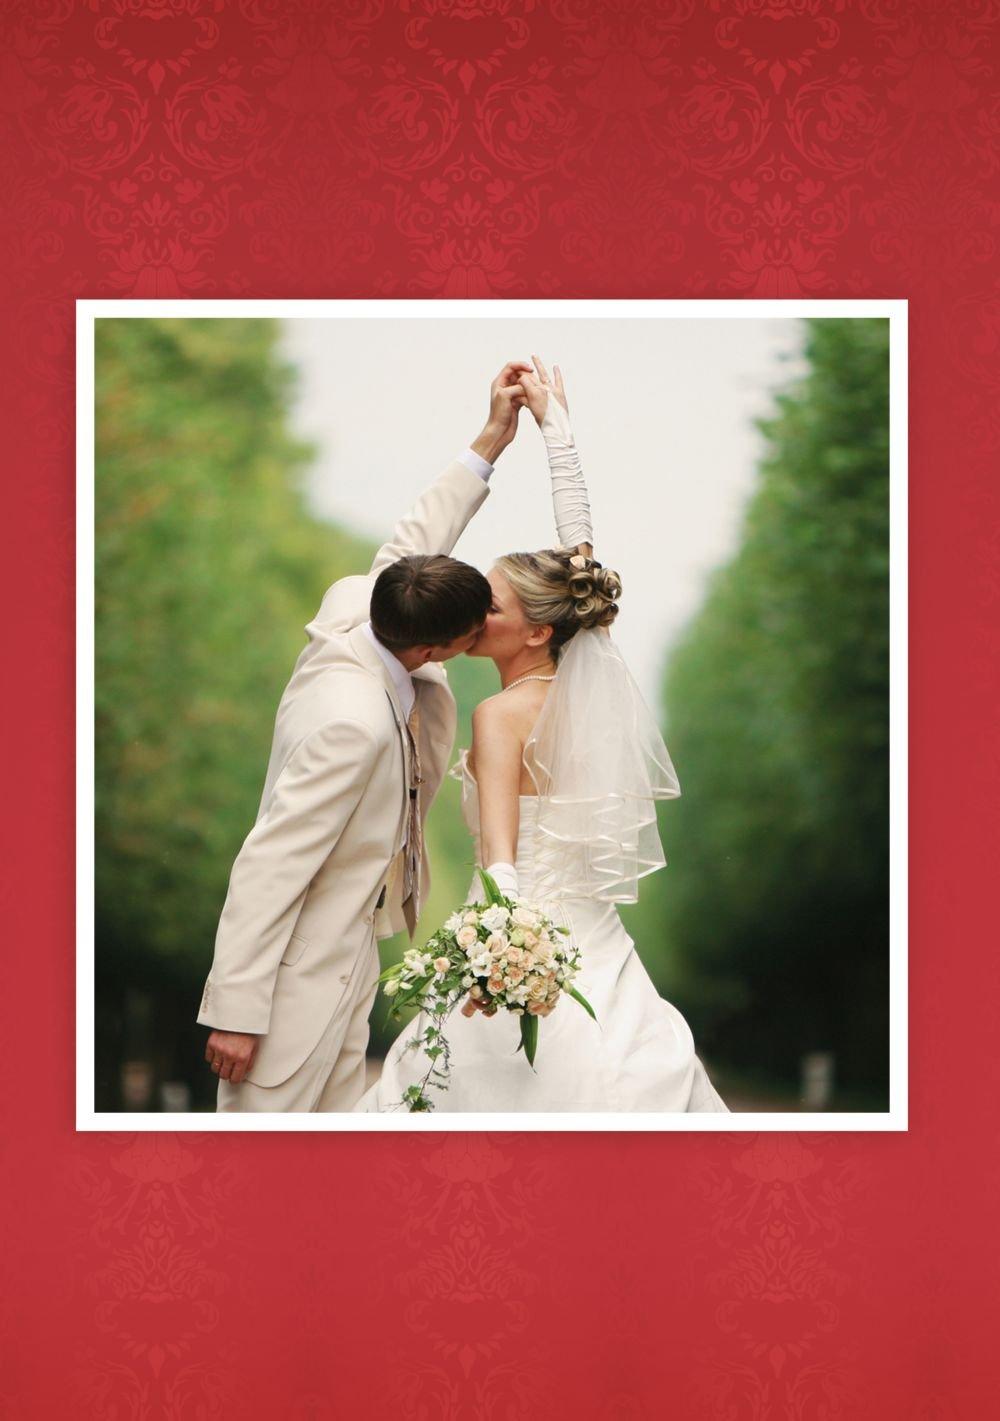 Kartenparadies Danksagung für Hochzeitsgeschenke Hochzeit Danke Eheversprechen, hochwertige Danksagungskarte Hochzeitsglückwünsche Hochzeitsglückwünsche Hochzeitsglückwünsche inklusive Umschläge   20 Karten - (Format  105x148 mm) Farbe  Orange B01N13HMTH | Sale Düsseldorf  | Wi 8d526b